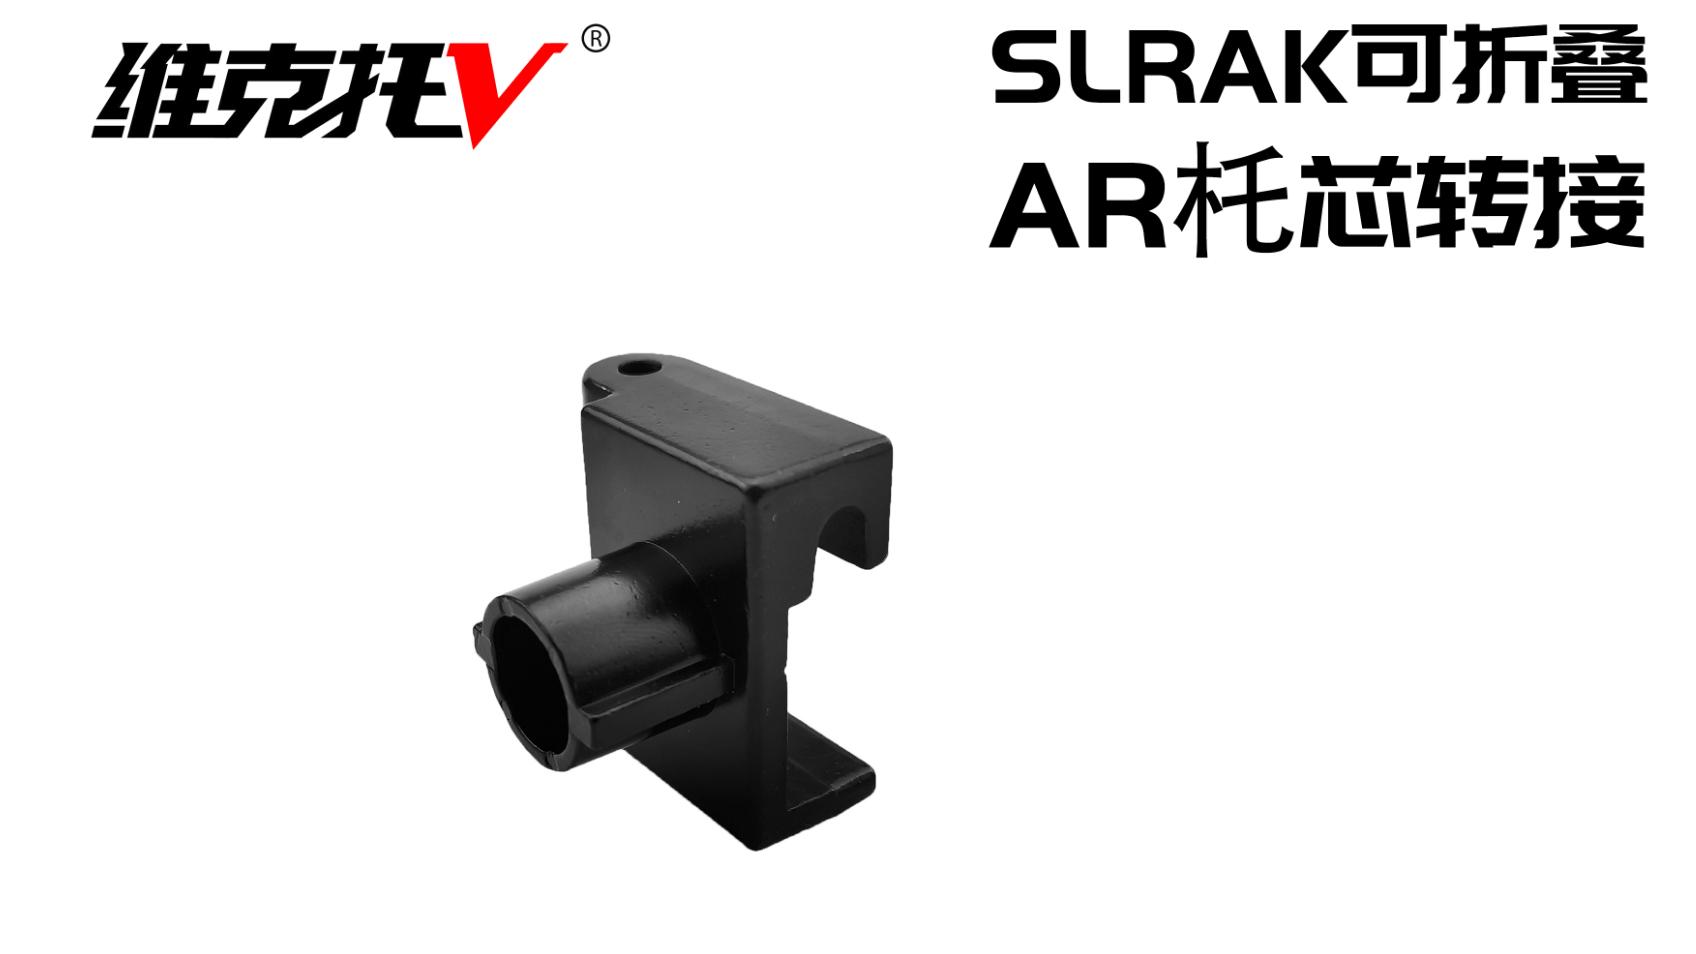 SLRAK之AR托芯转接介绍,之前在本公司购主体的老客户享优惠